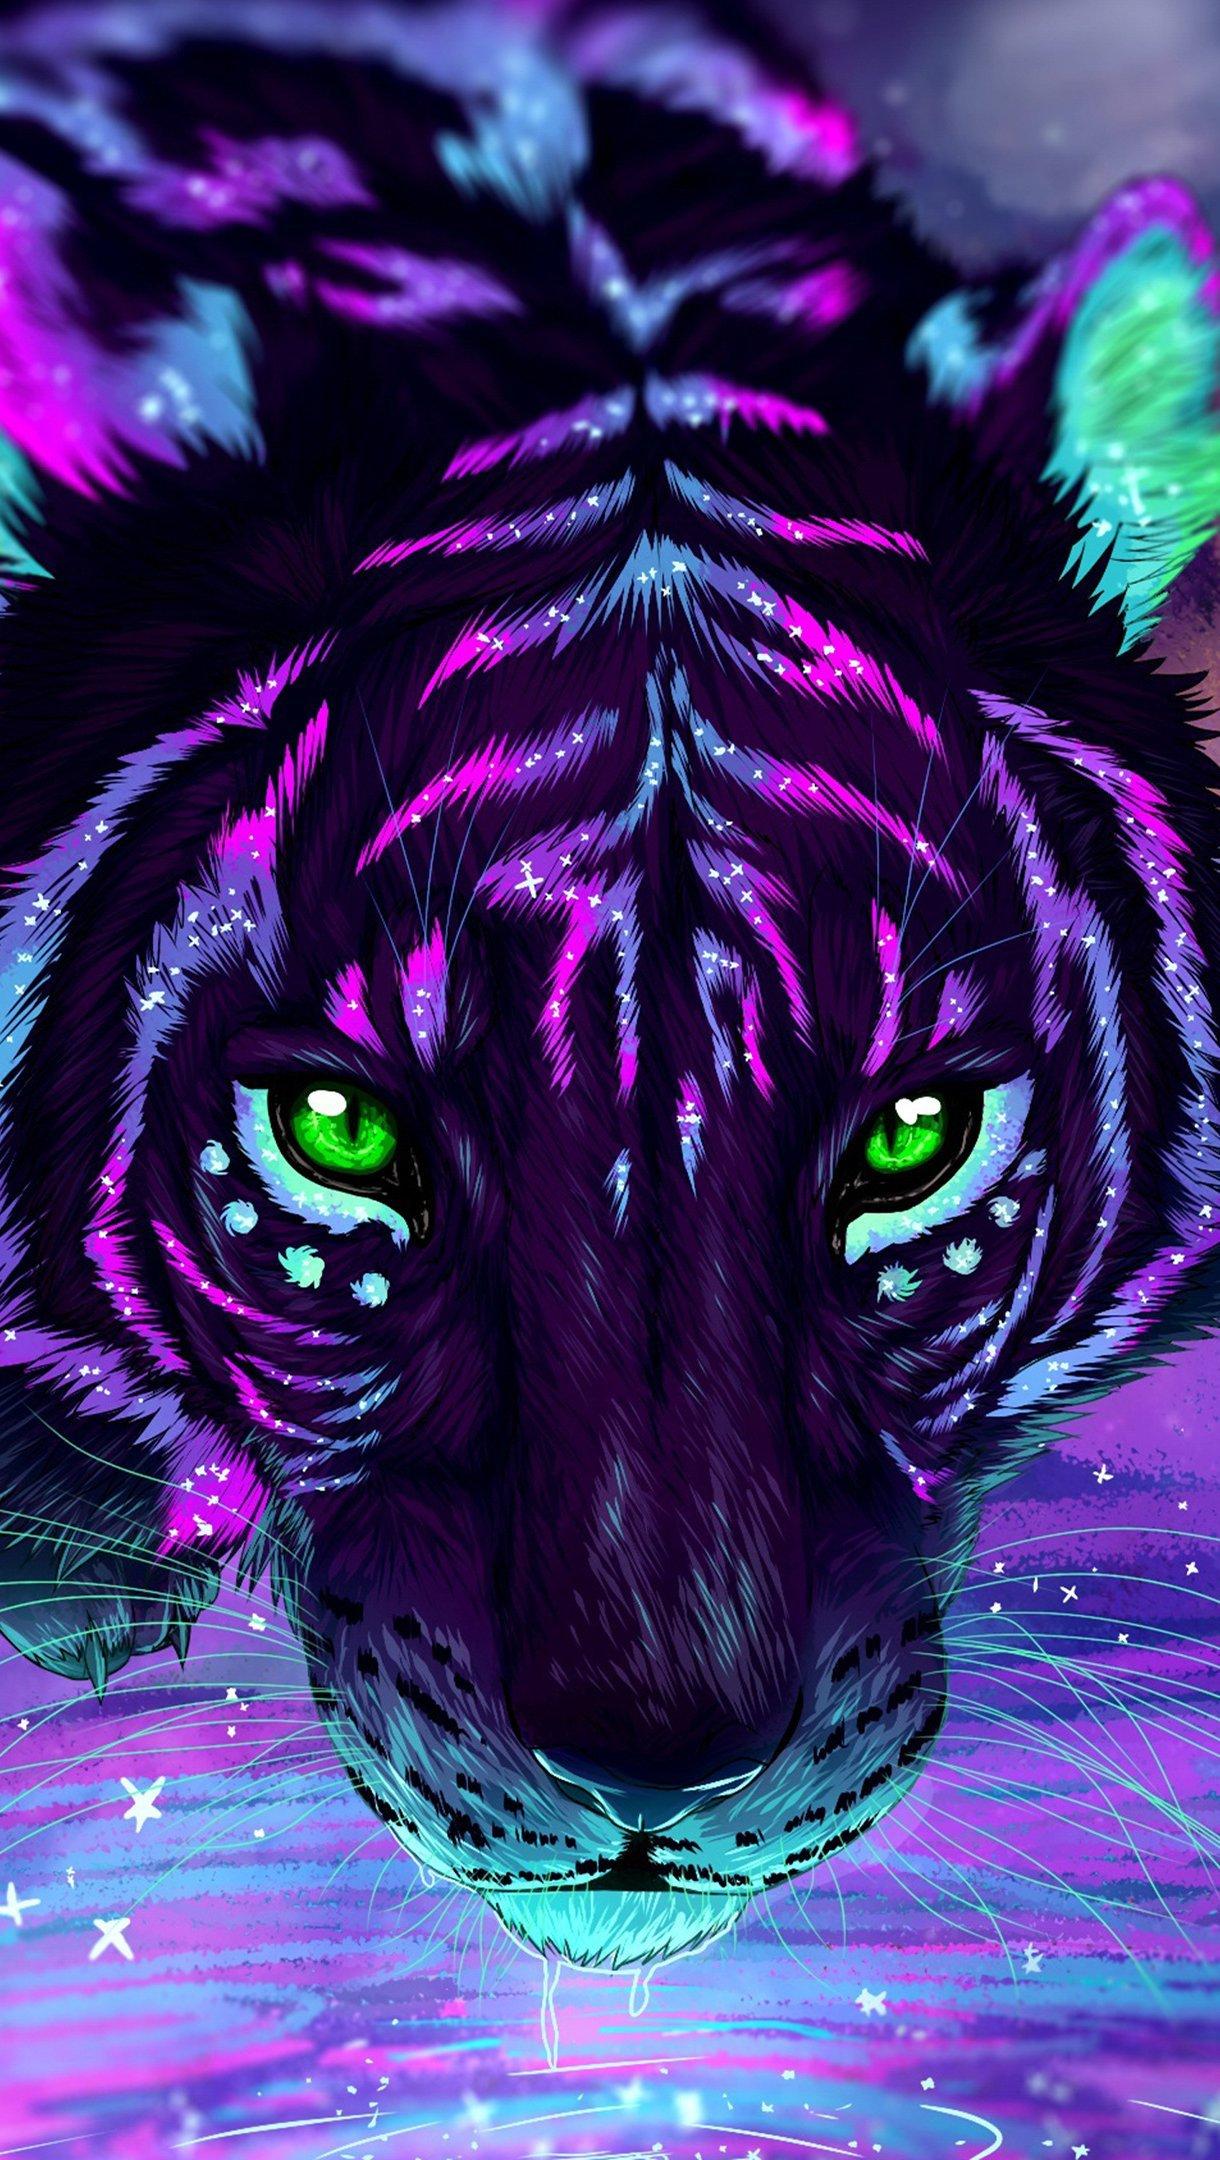 Fondos de pantalla Tigre de neón Artwork Vertical